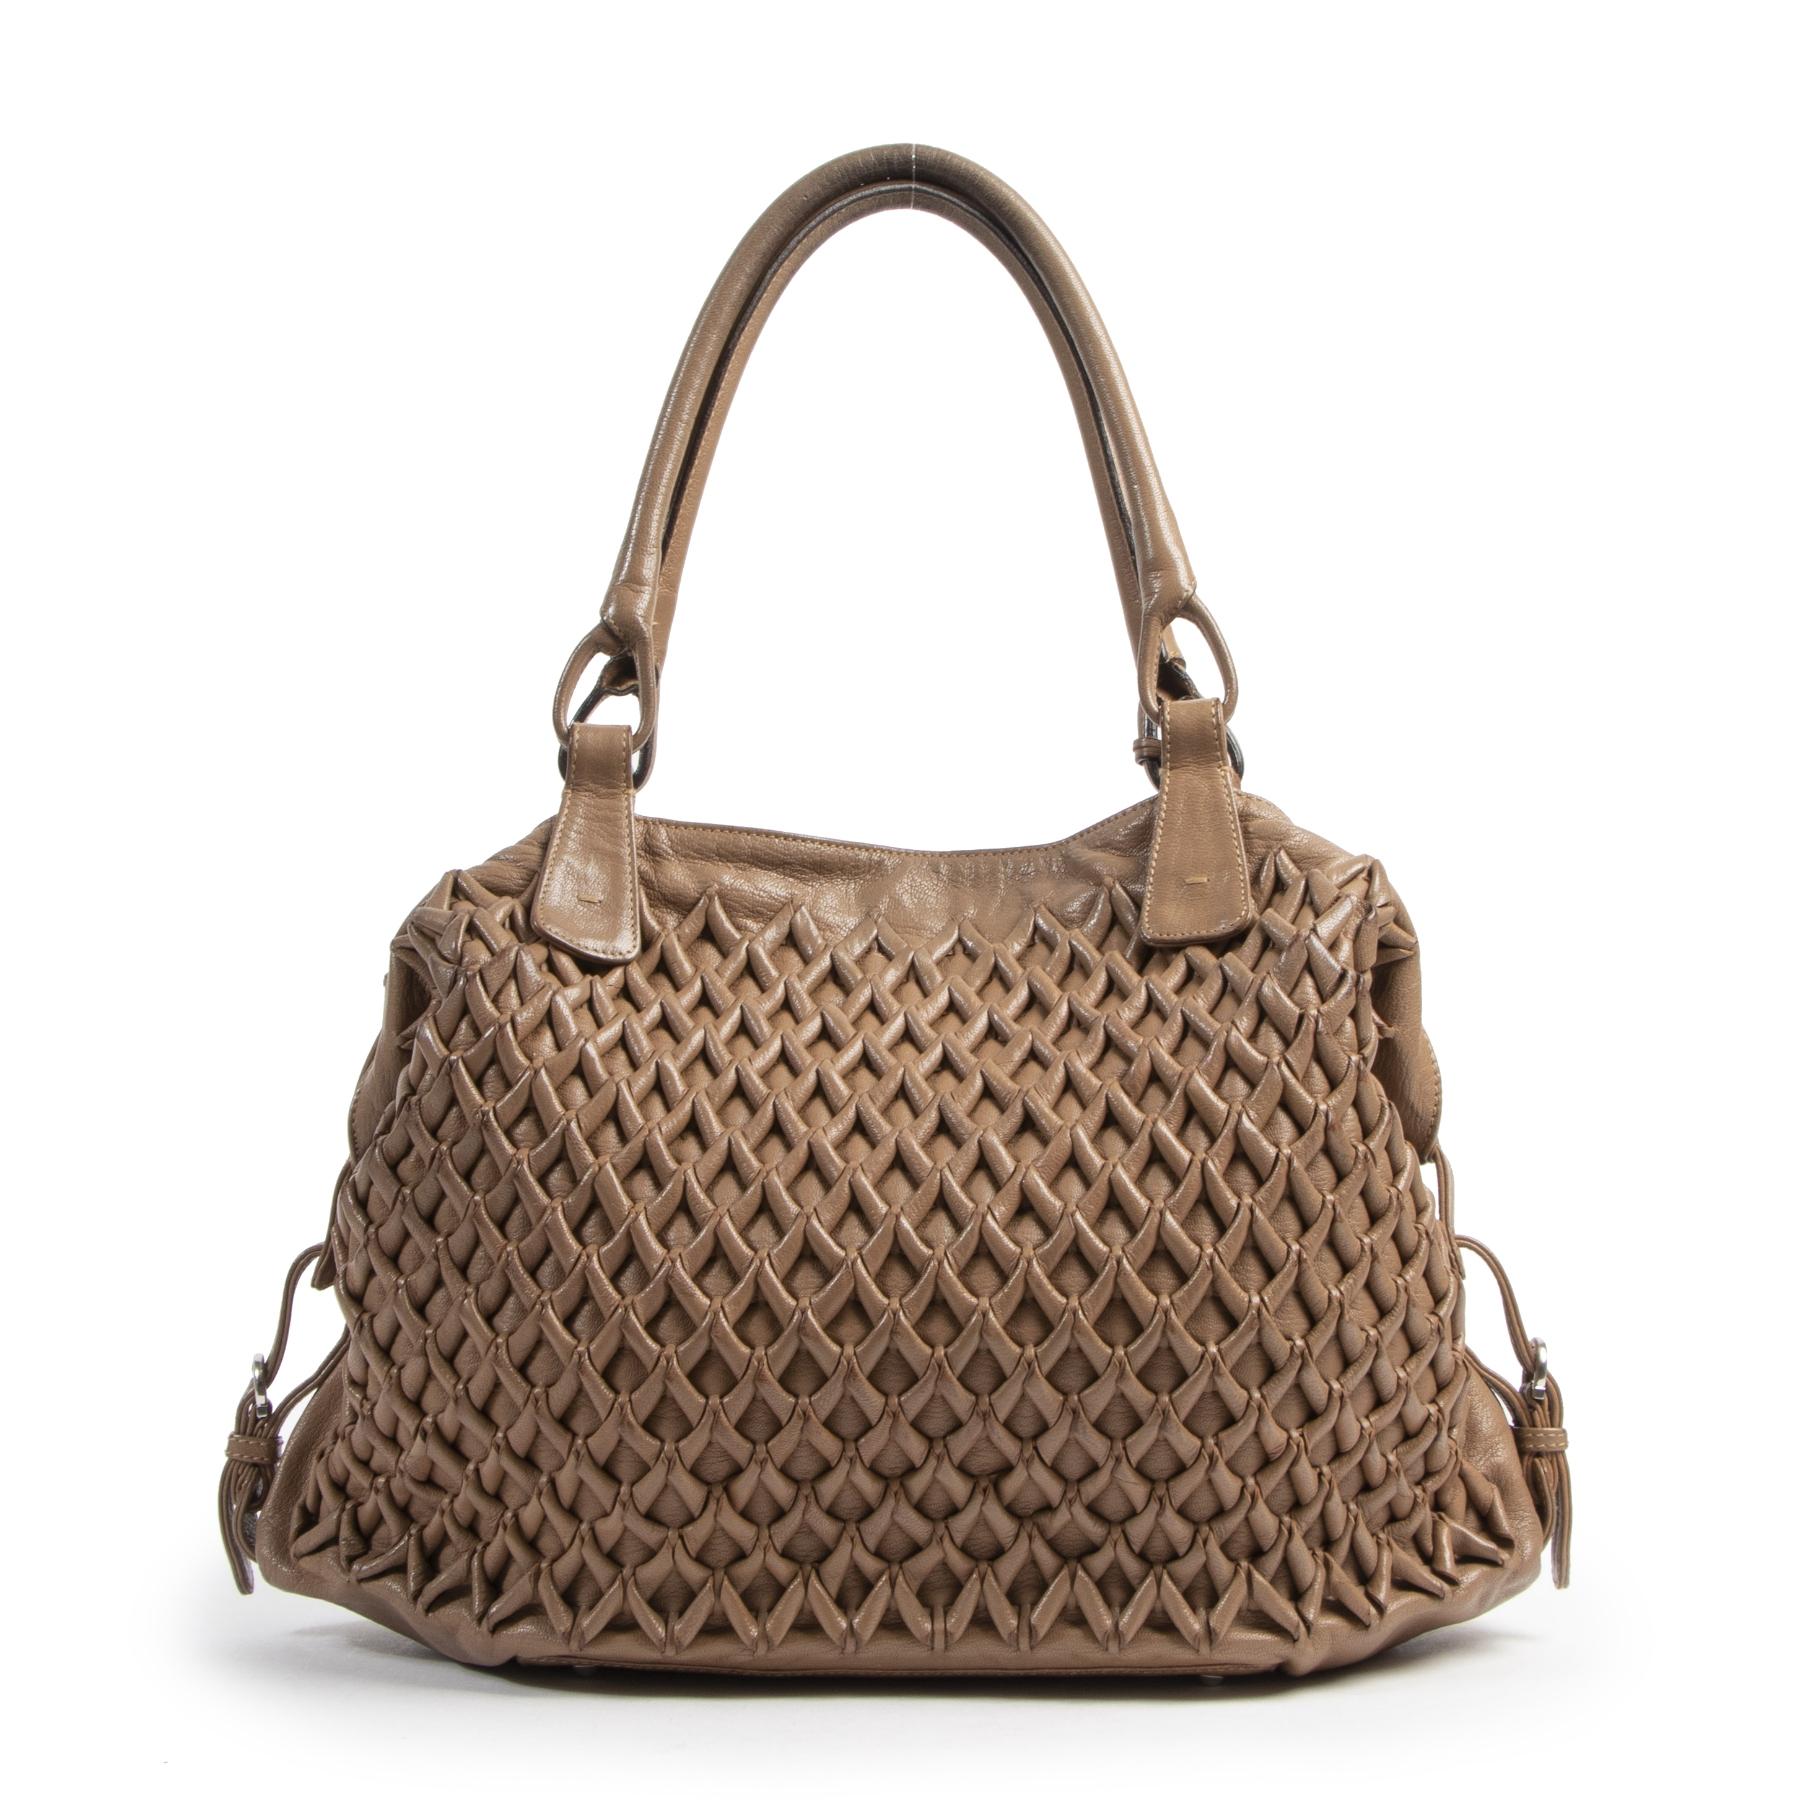 Authentieke Tweedehands Salvatore Ferragamo Braided Brown Bag juiste prijs veilig online shoppen luxe merken webshop winkelen Antwerpen België mode fashion